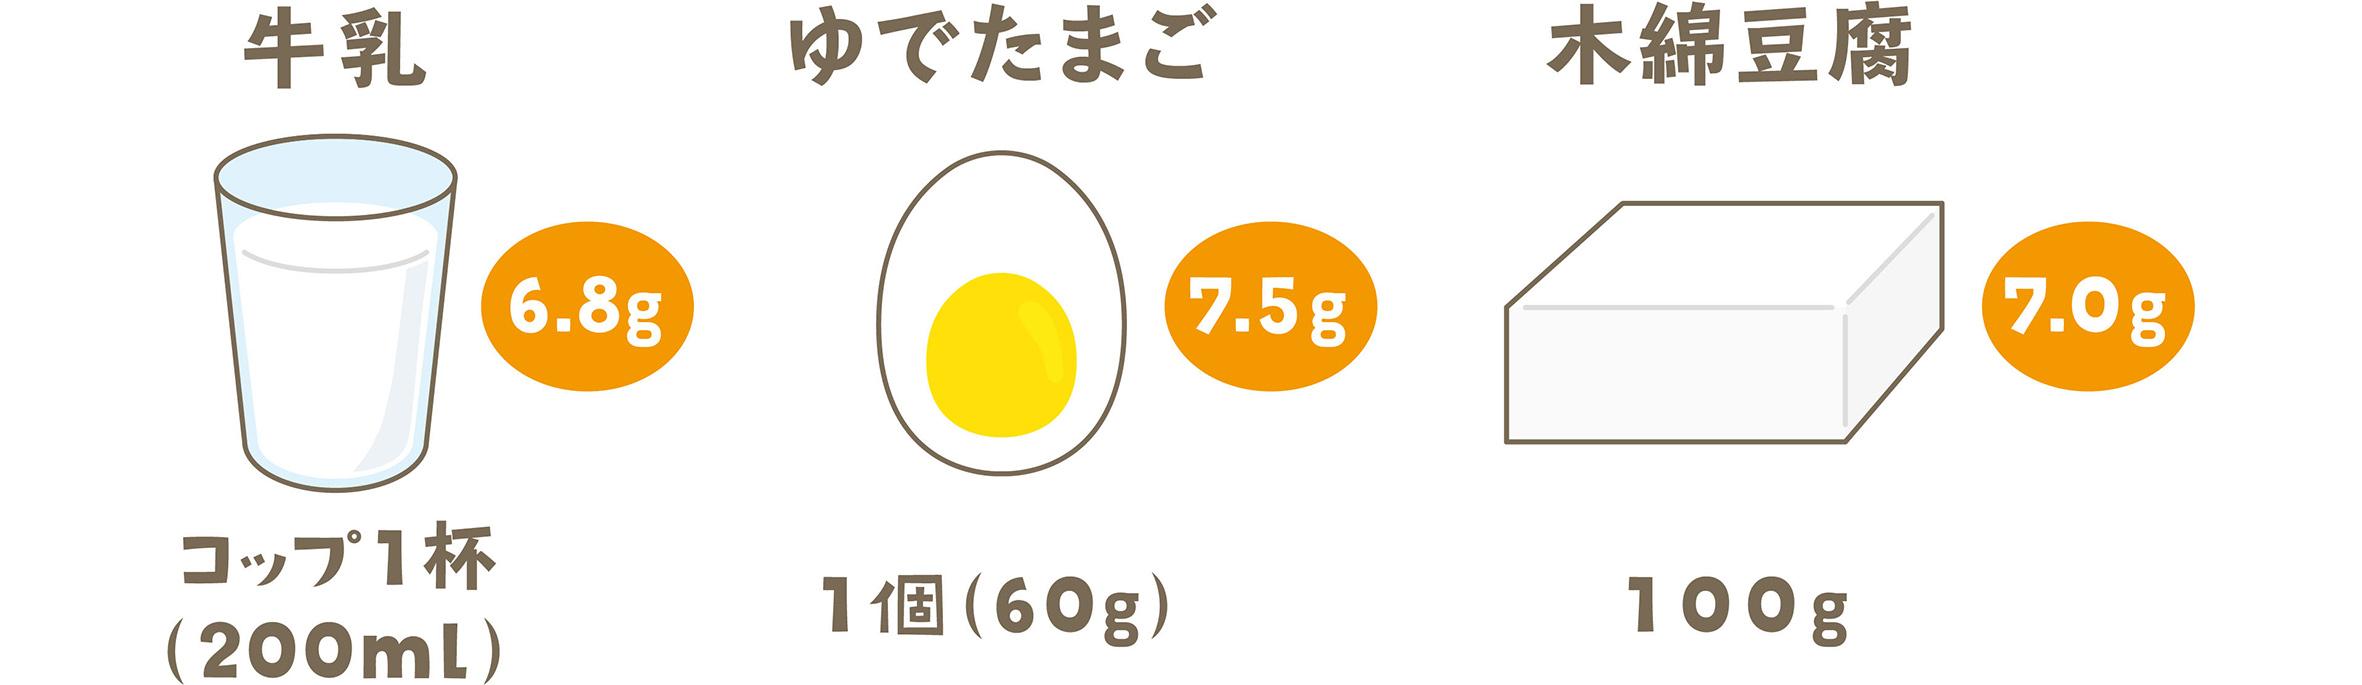 たんぱく質を含む食品例